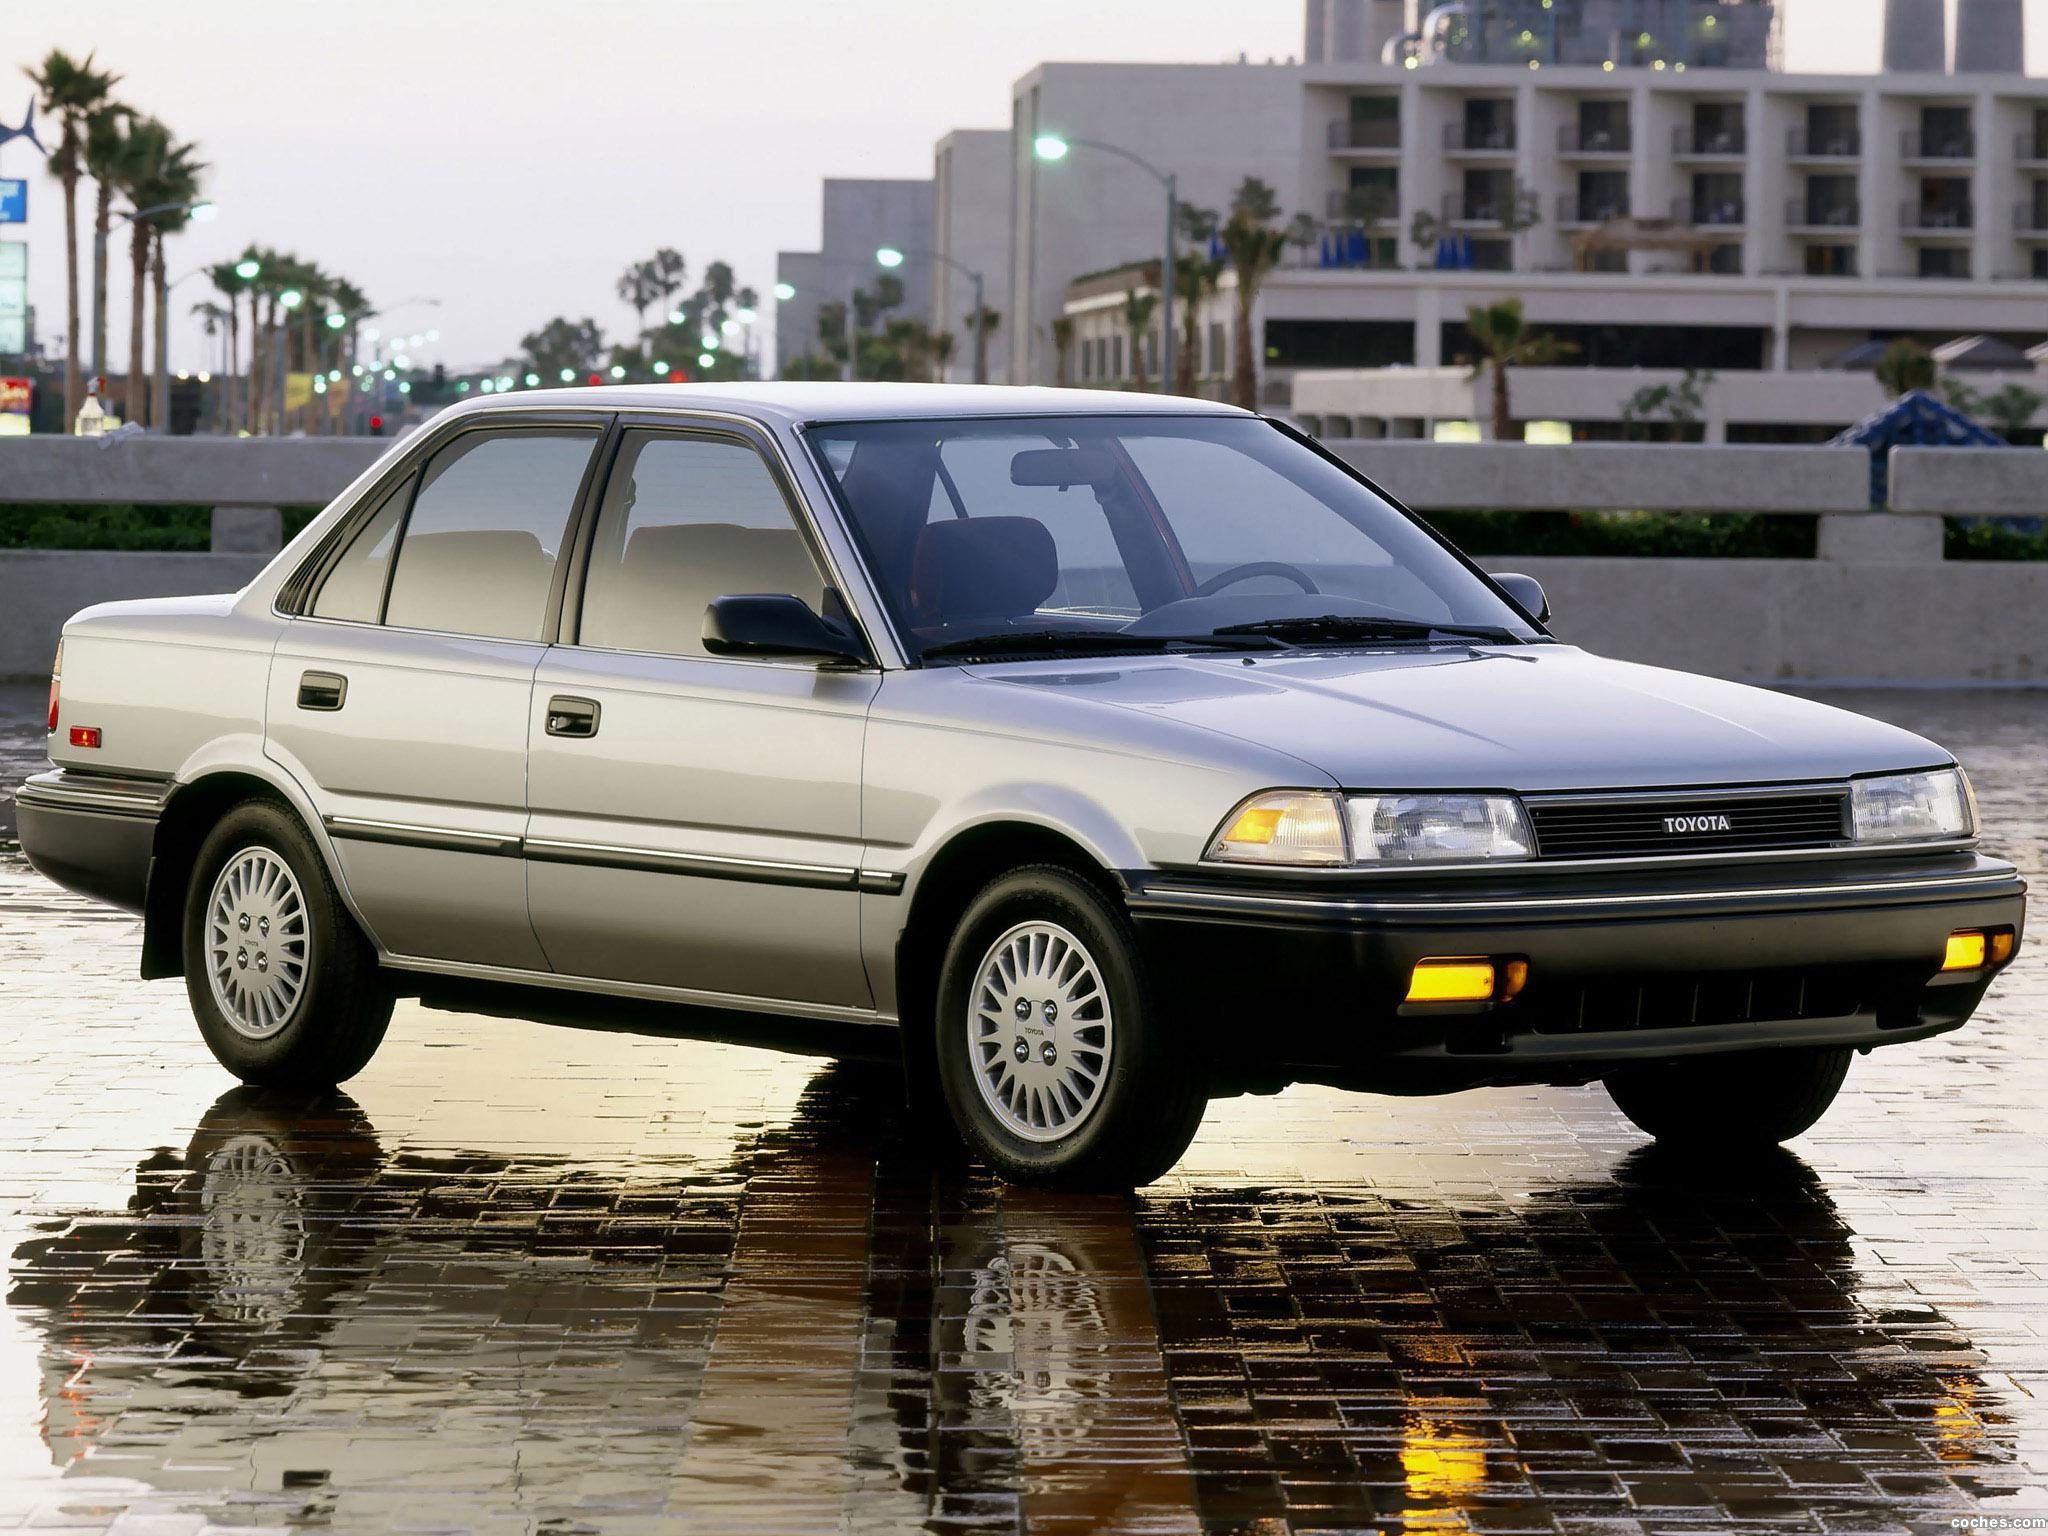 2010 Toyota Corolla S >> Fotos de Toyota Corolla Sedan Deluxe USA 1987